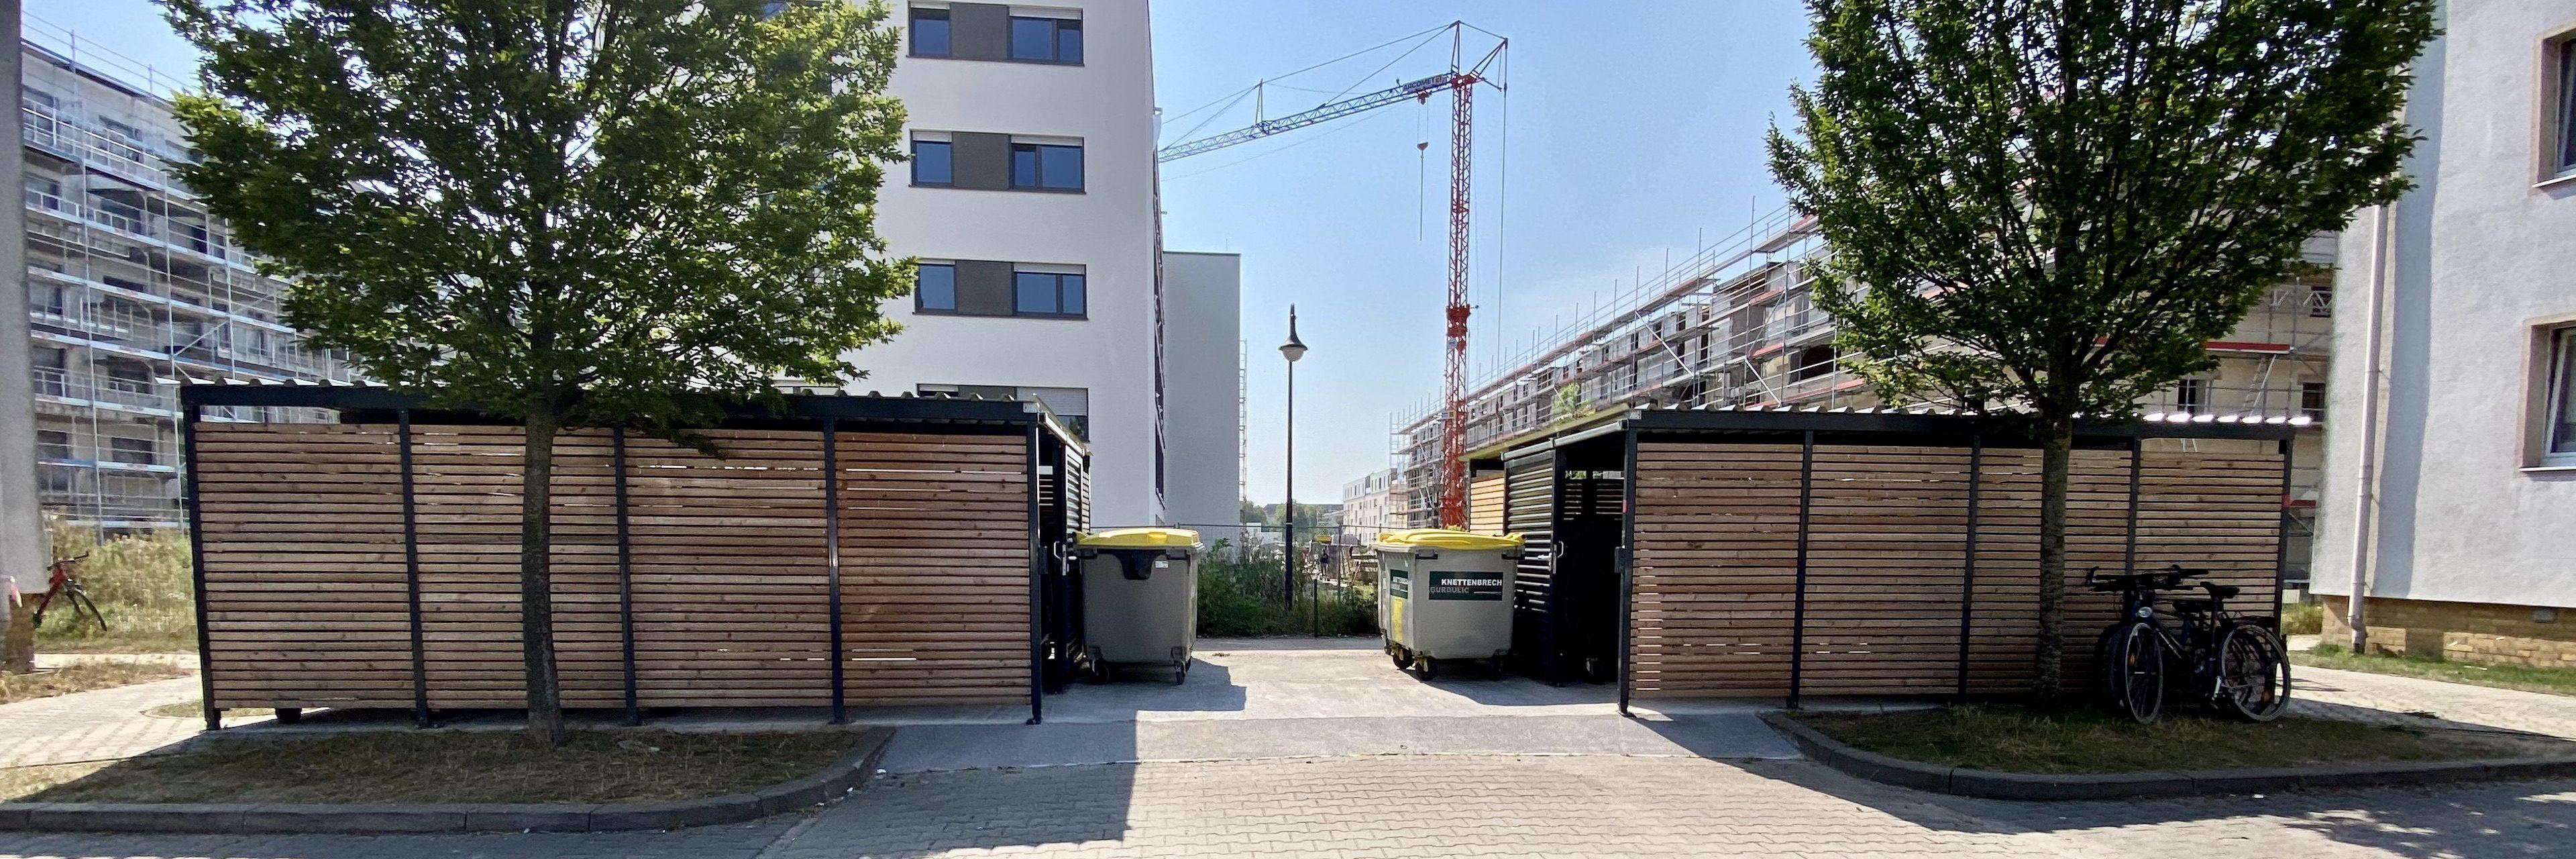 Mülltonnenhäuser